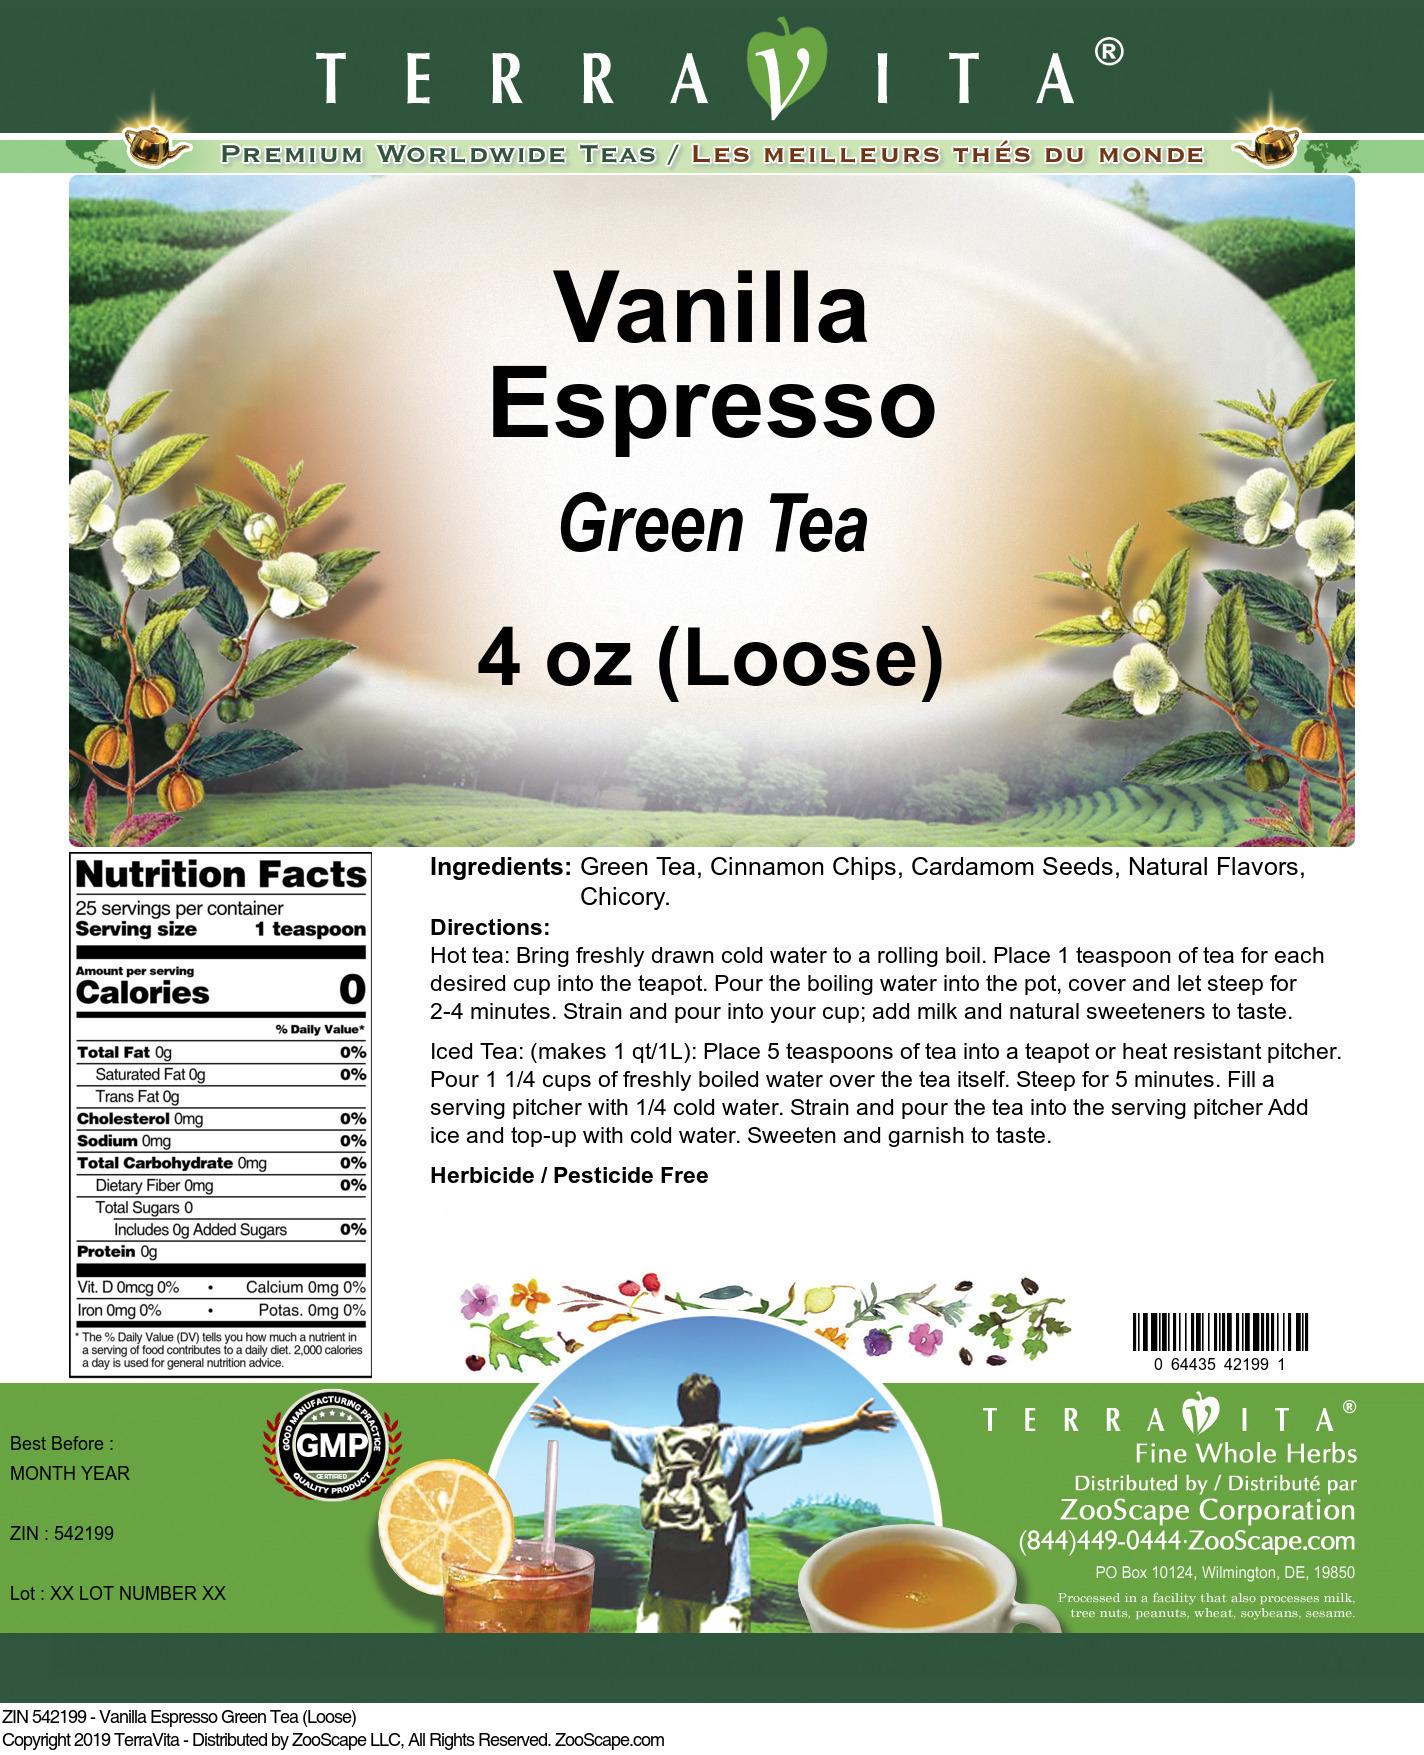 Vanilla Espresso Green Tea (Loose)